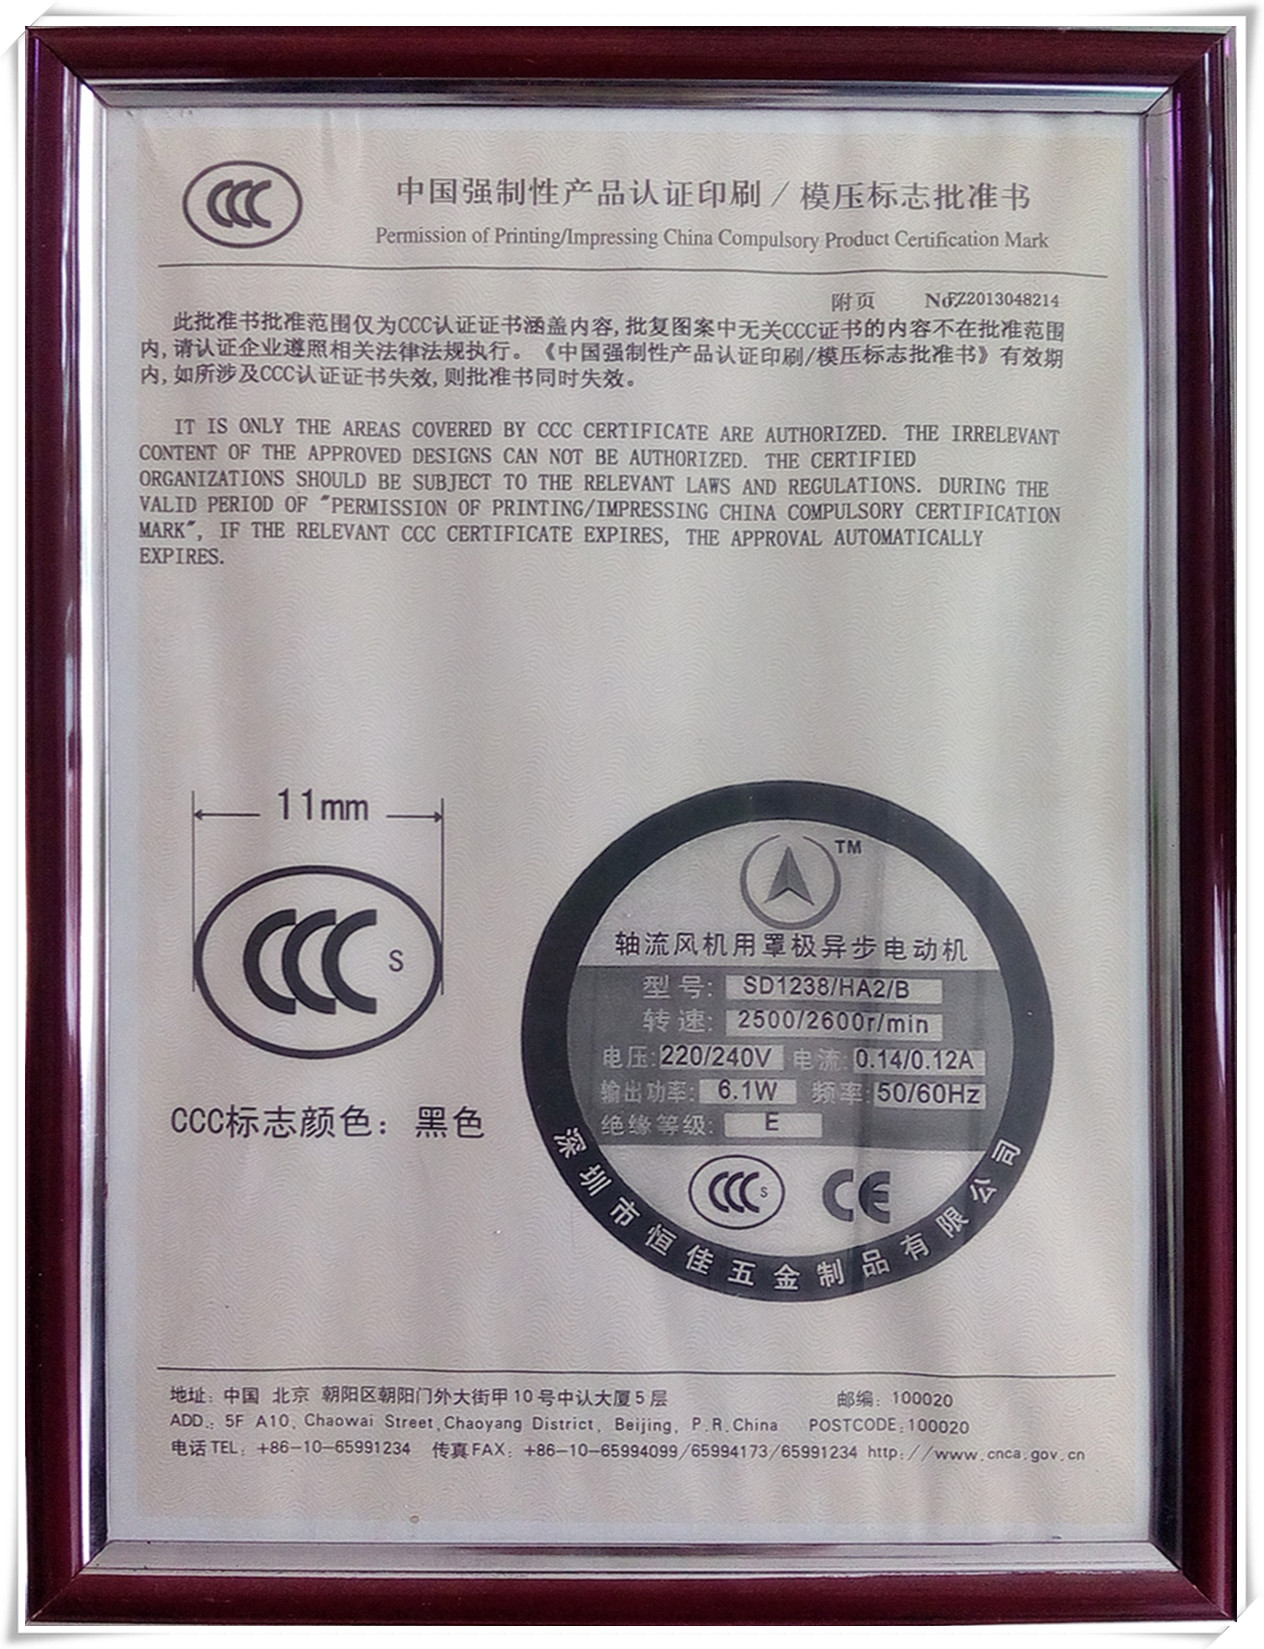 恒佳中国强制性产品认证印刷批准书